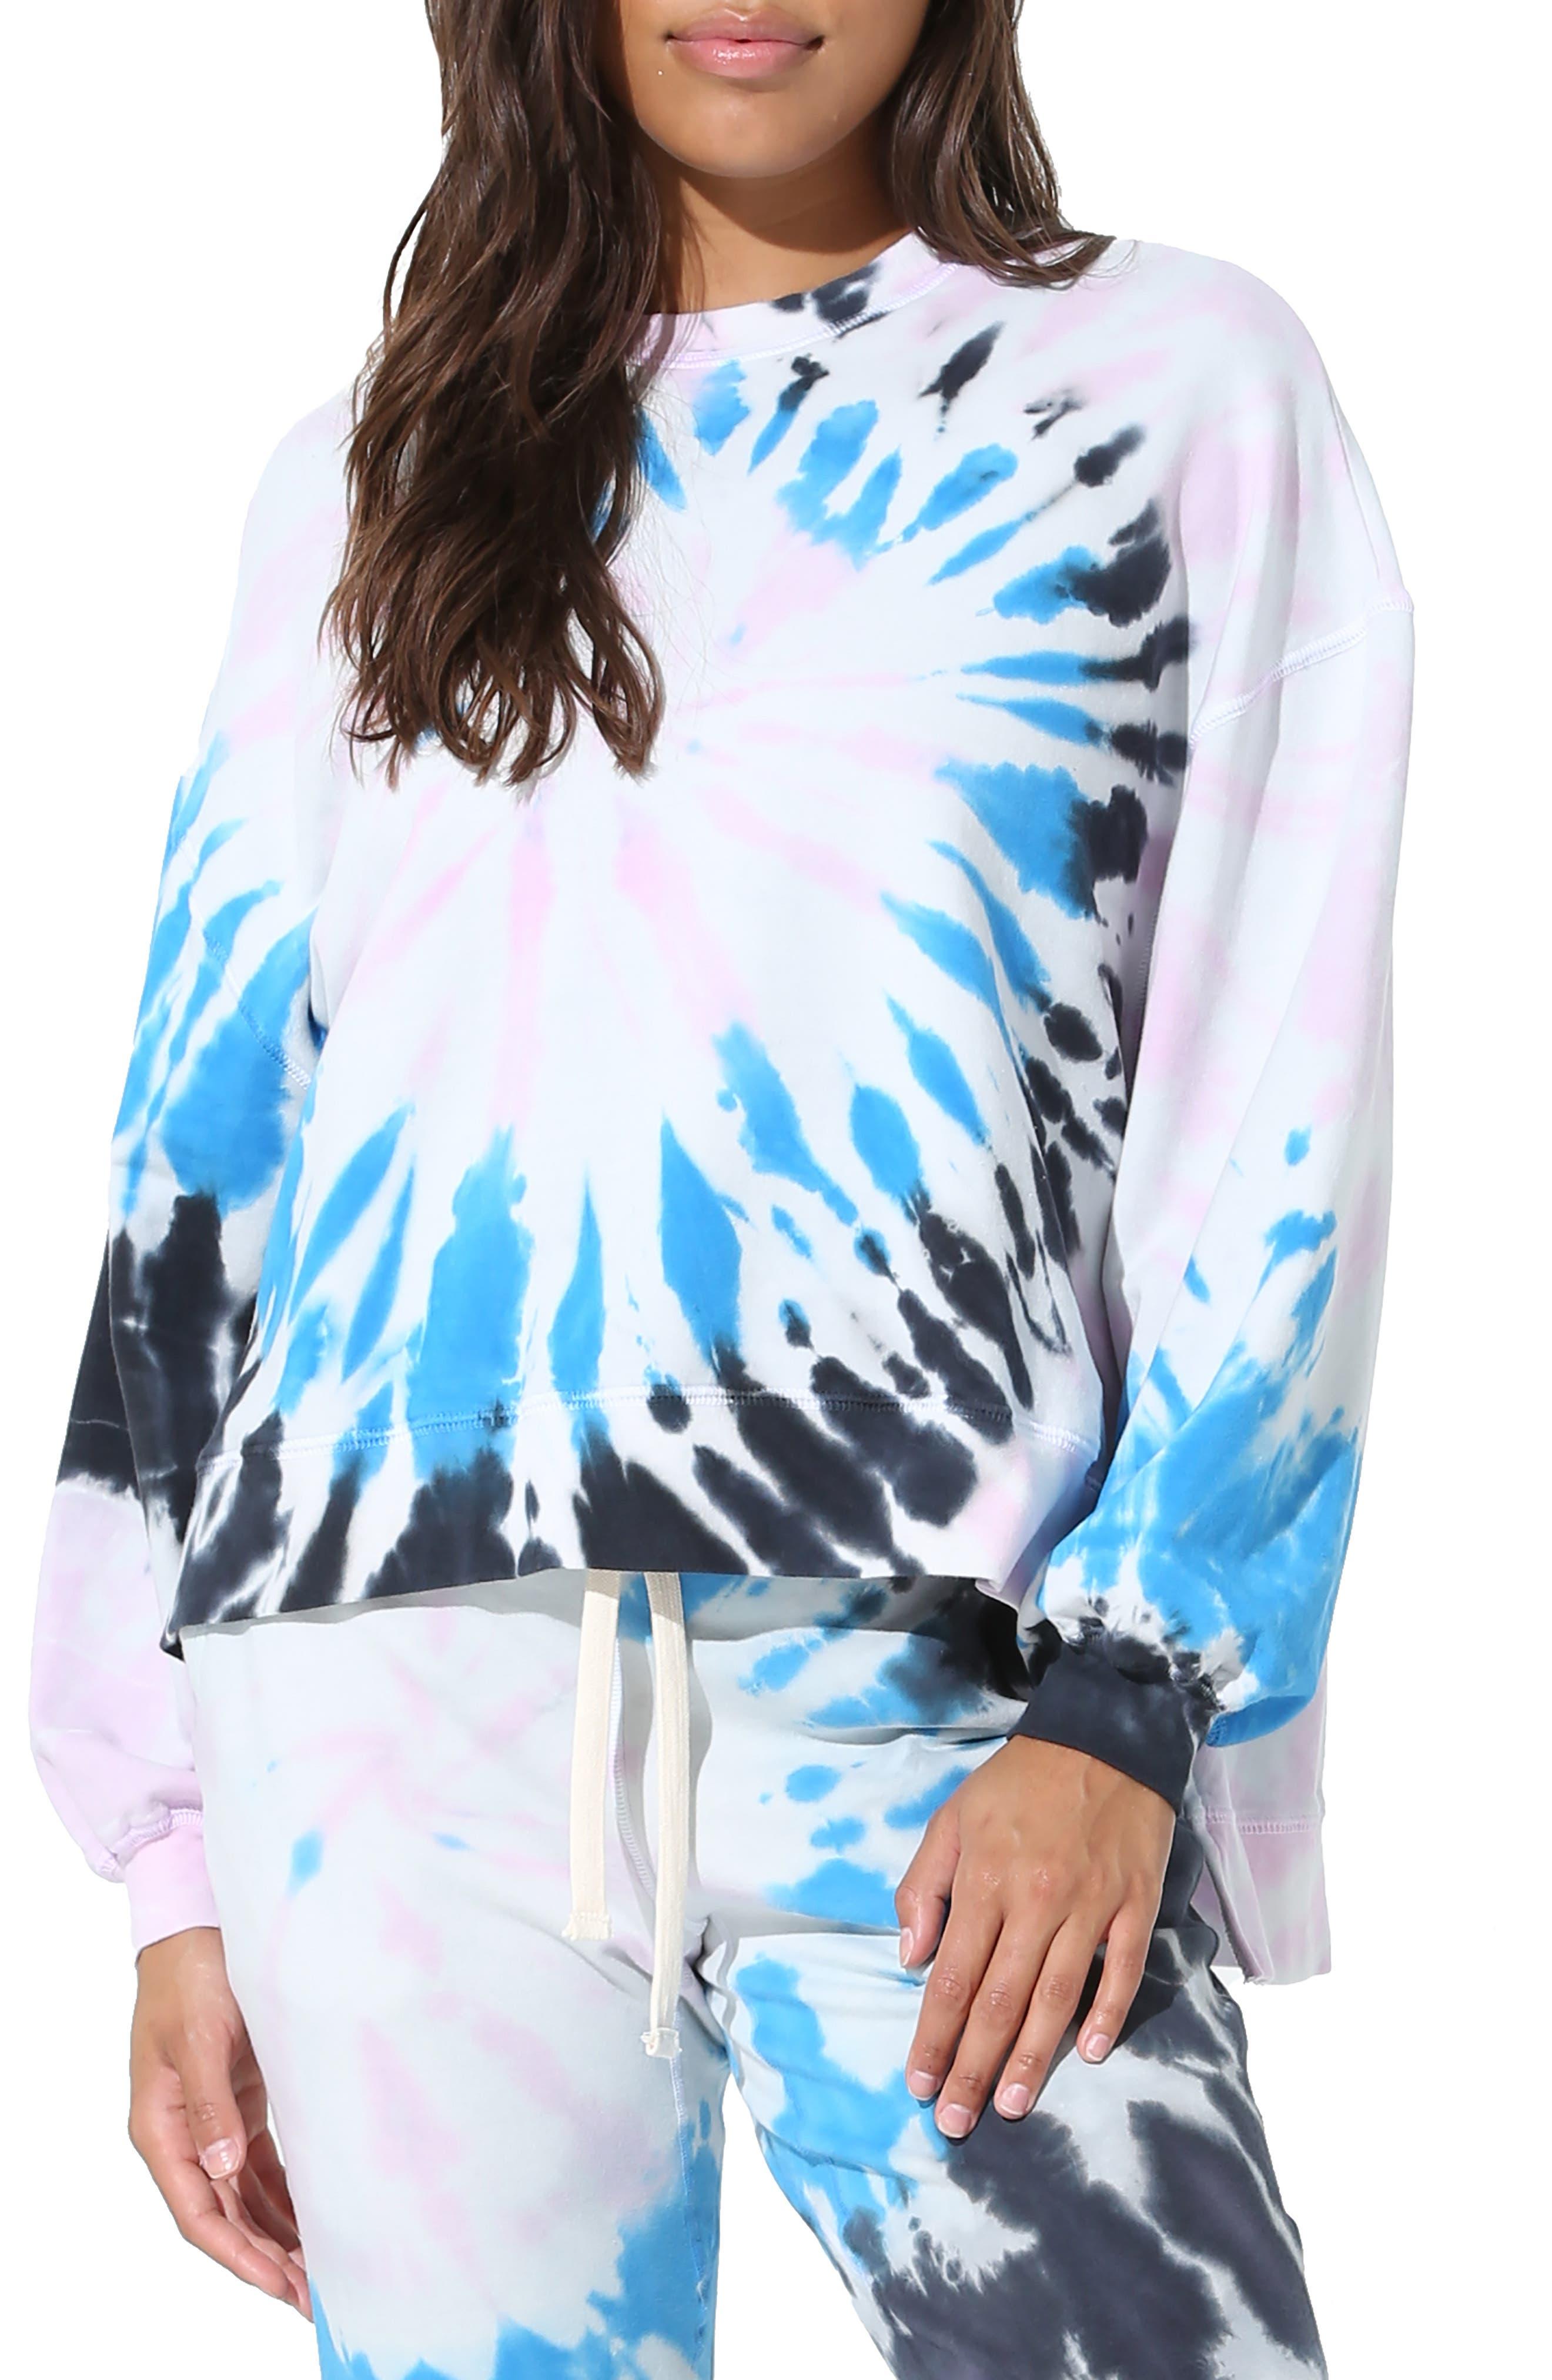 Neil Wave Tie Dye Sweatshirt